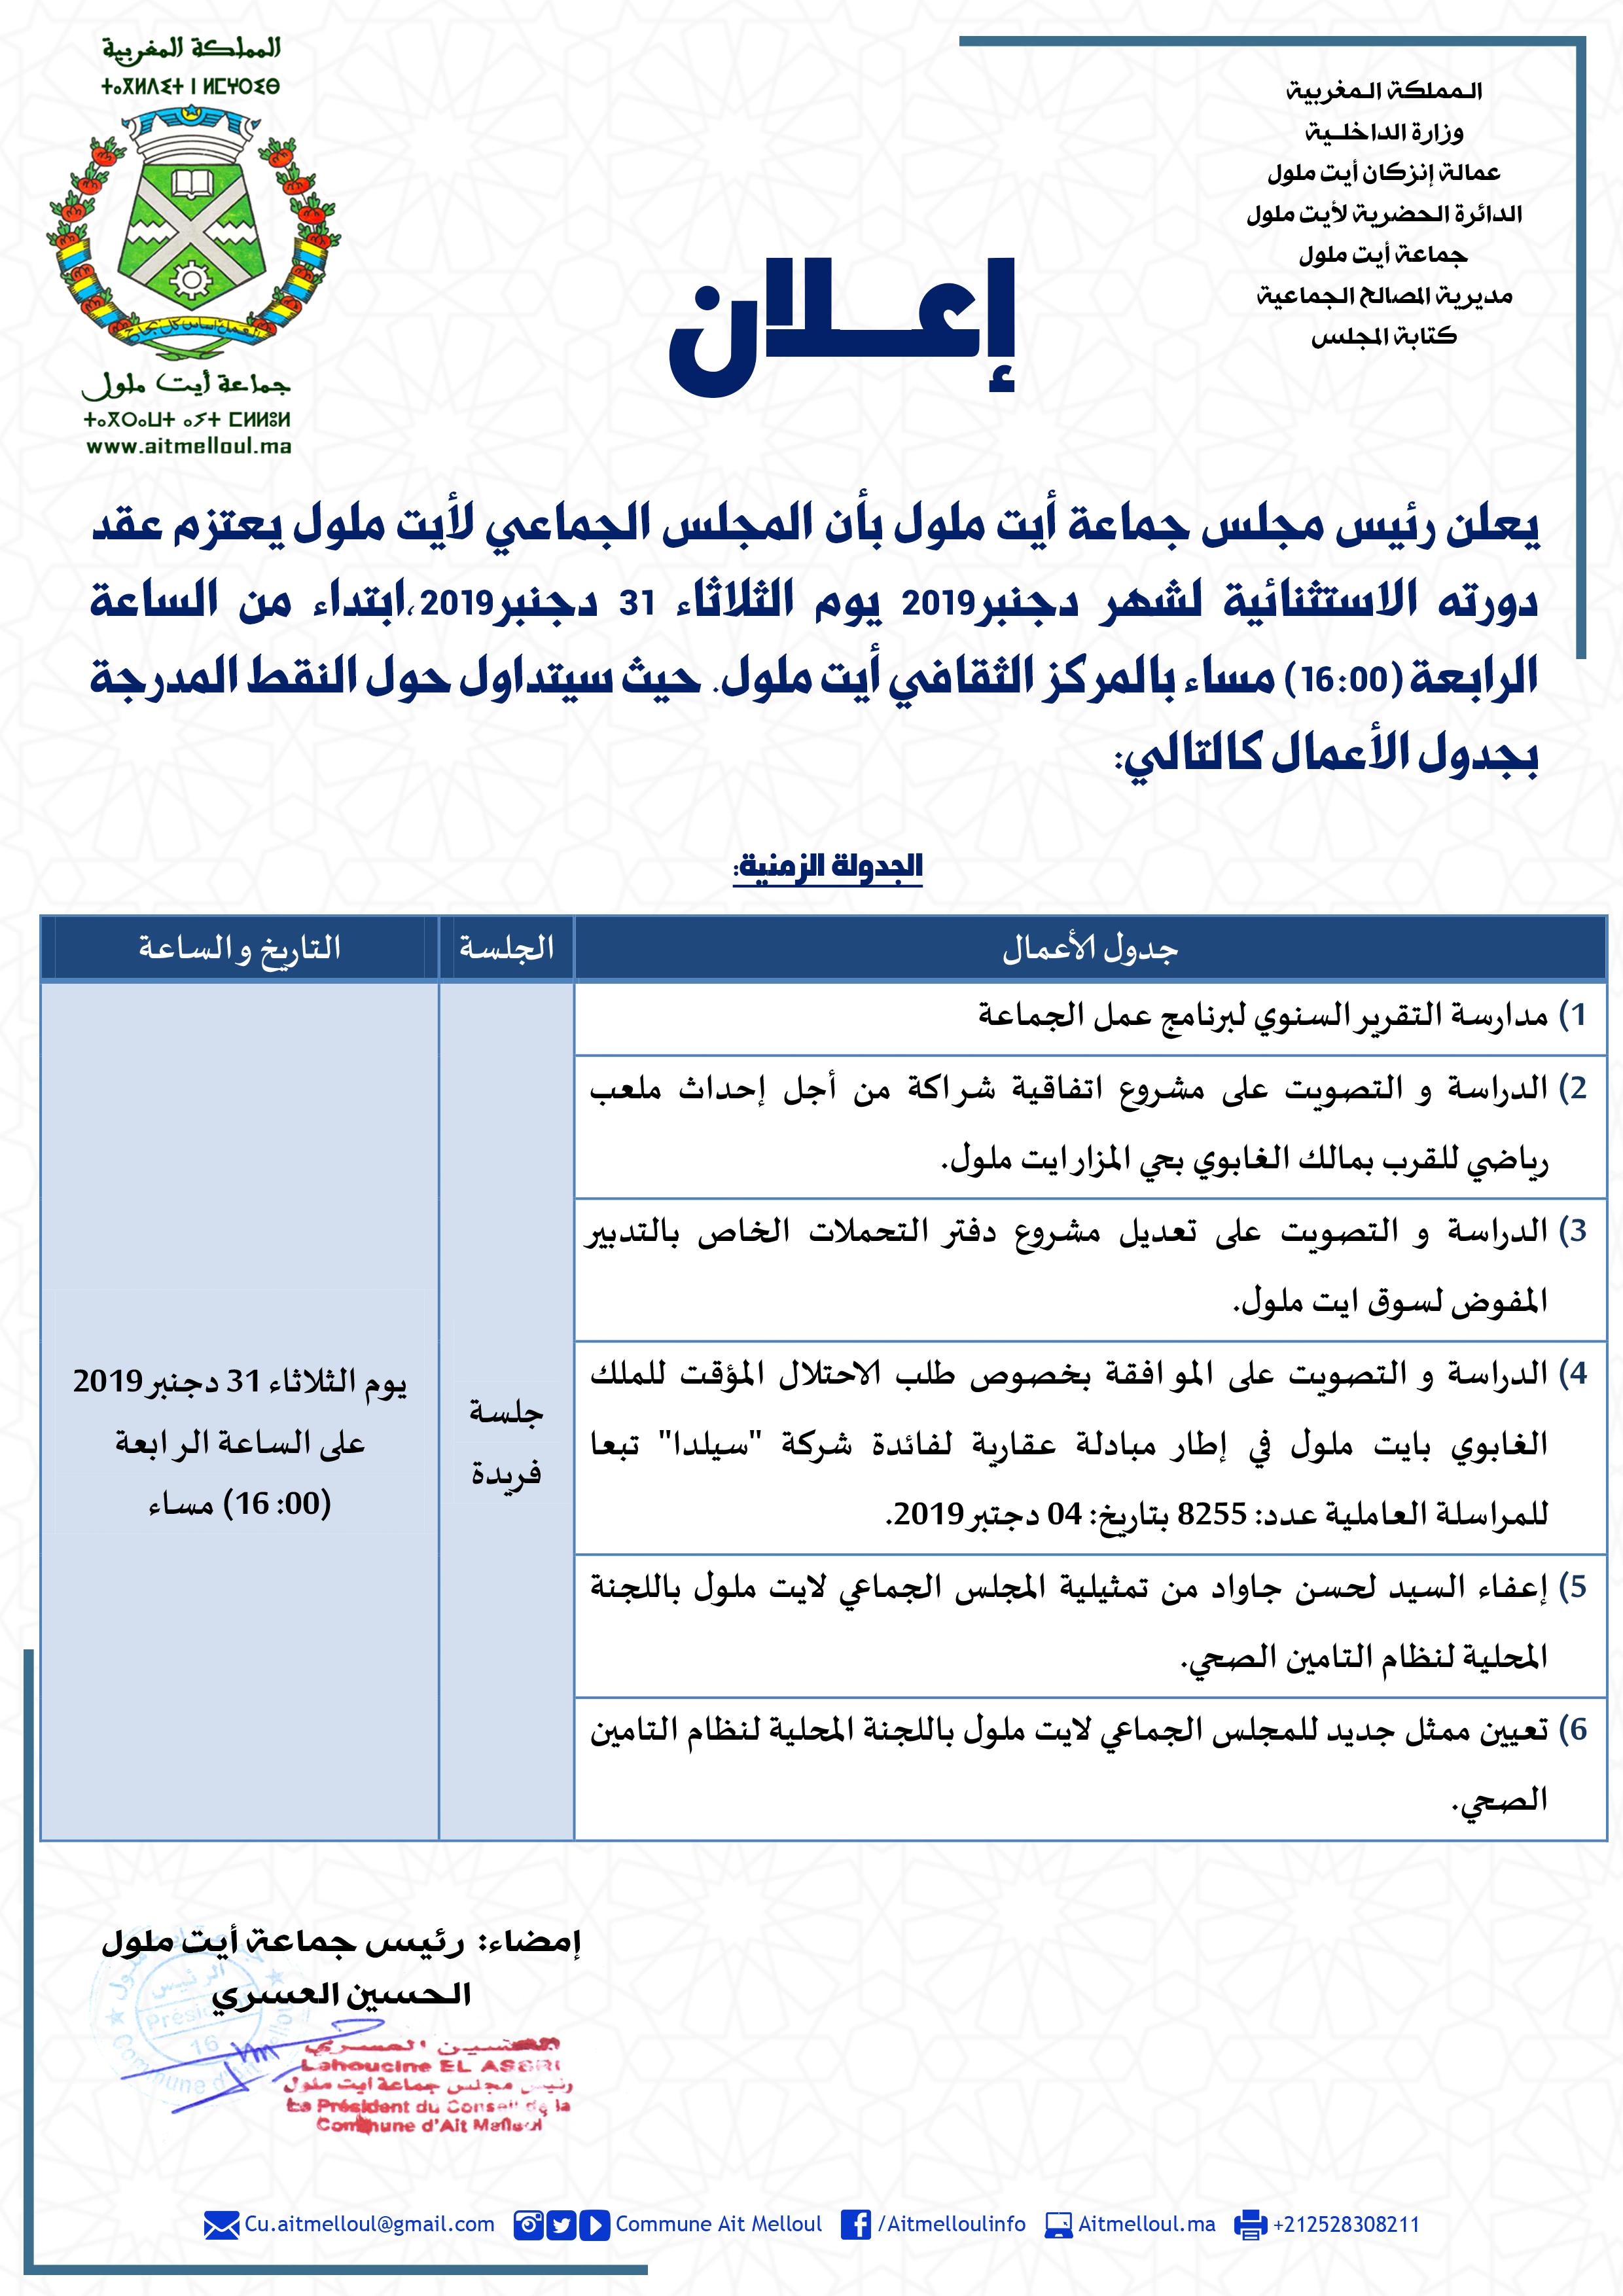 إعلان عن الدورة الإستثنائية للمجلس لشهر دجنبر 2019